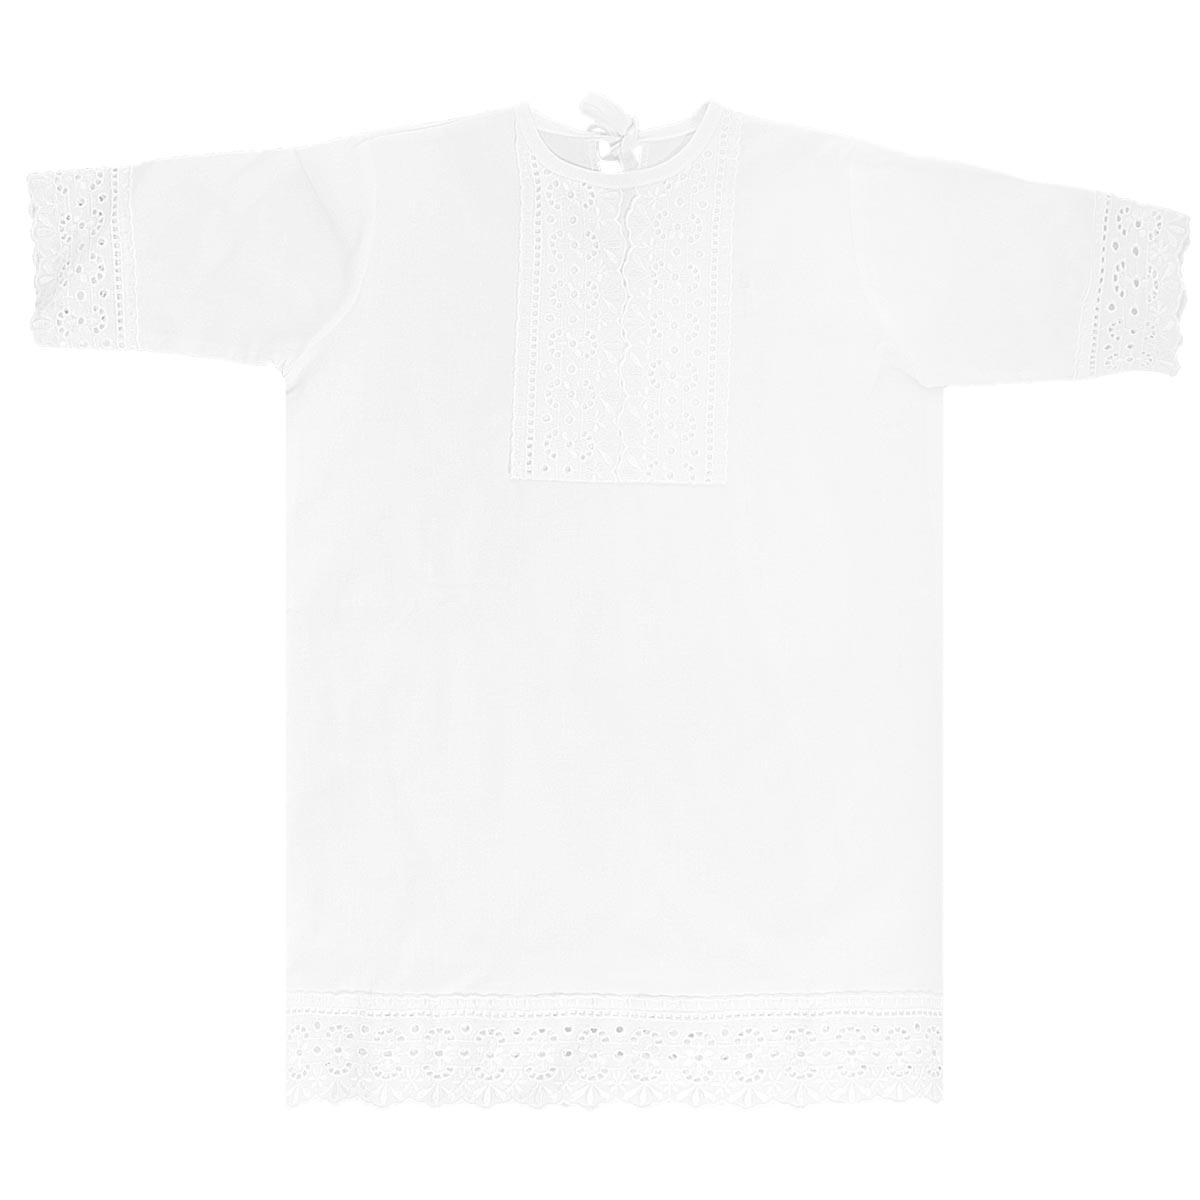 Крестильный набор1126Крестильная рубашка для девочки Трон-плюс, выполненная из натурального хлопка, идеально подойдет для крещения вашего малыша. Рубашка необычайно мягкая и приятная на ощупь, не сковывает движения и позволяет коже дышать, не раздражает нежную кожу ребенка, обеспечивая ему наибольший комфорт. Рубашка трапециевидной формы с длинными рукавами имеет две завязки на спинке, которые помогают с легкостью переодеть малыша. Низ рукавов и низ изделия и полочка украшены очаровательными ажурными узорами и петельками. Благодаря такой рубашке ваш малыш не замерзнет, и будет выглядеть нарядно.